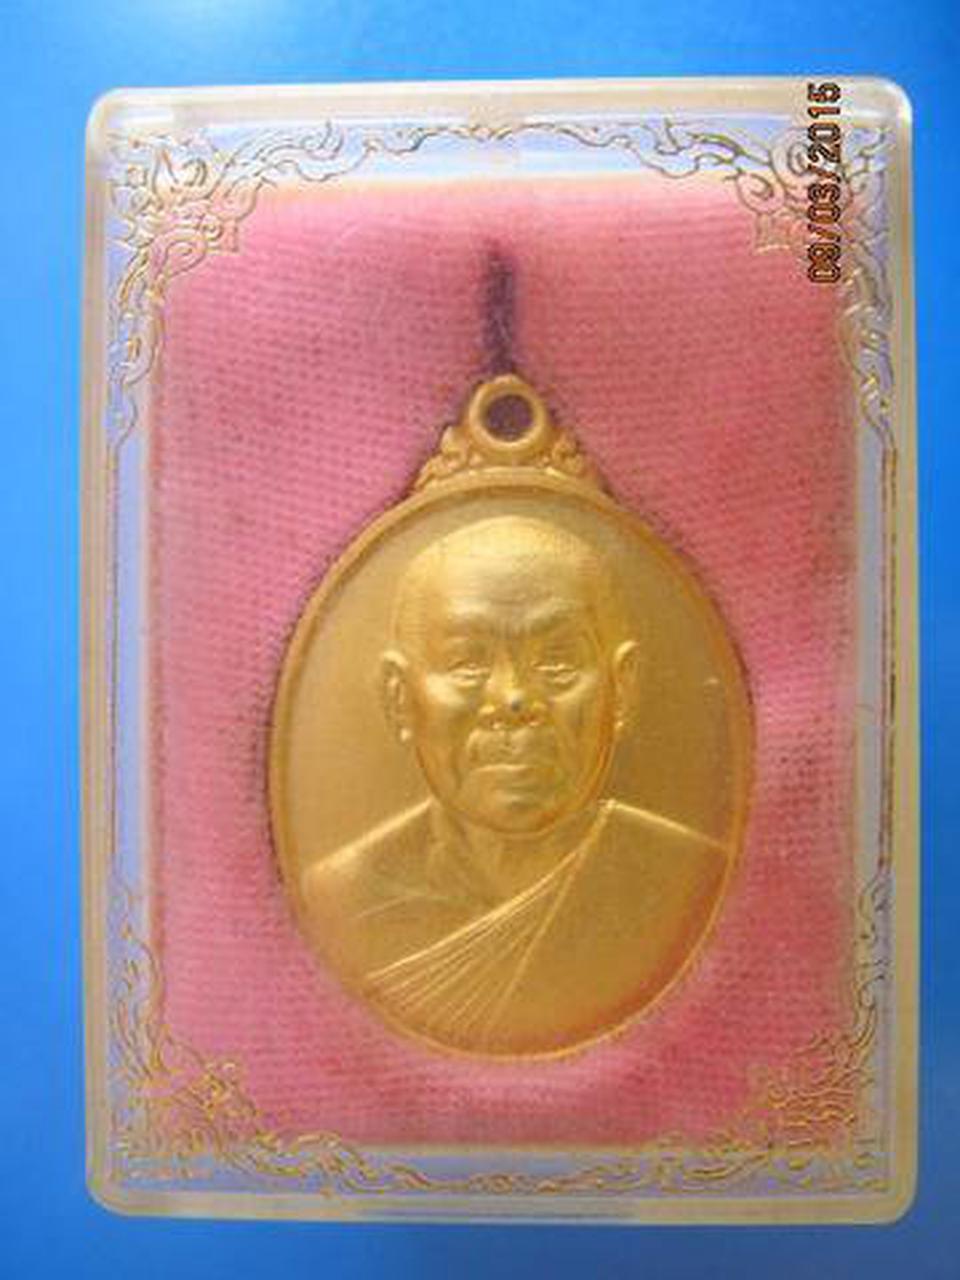 1231 เหรียญสมเด็จพุฒาจารย์เกียว วัดสระเกศ ปี 2543  รูปที่ 1